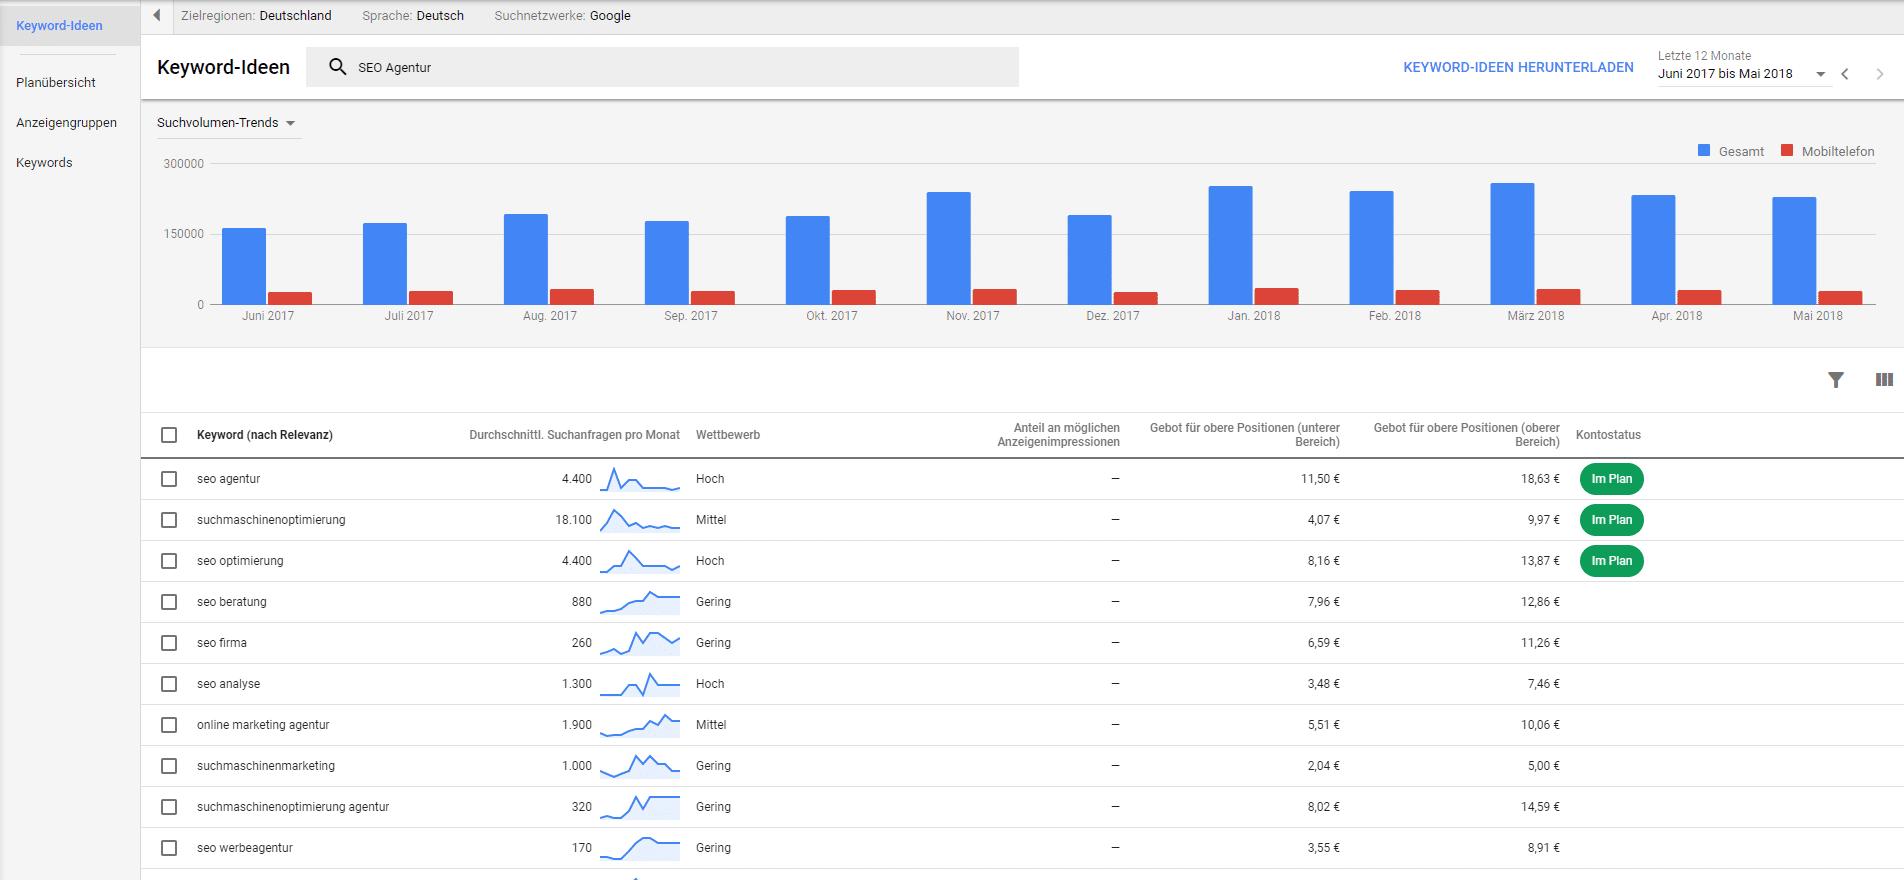 Google Keyword Planner Vorschläge für passende Keywords